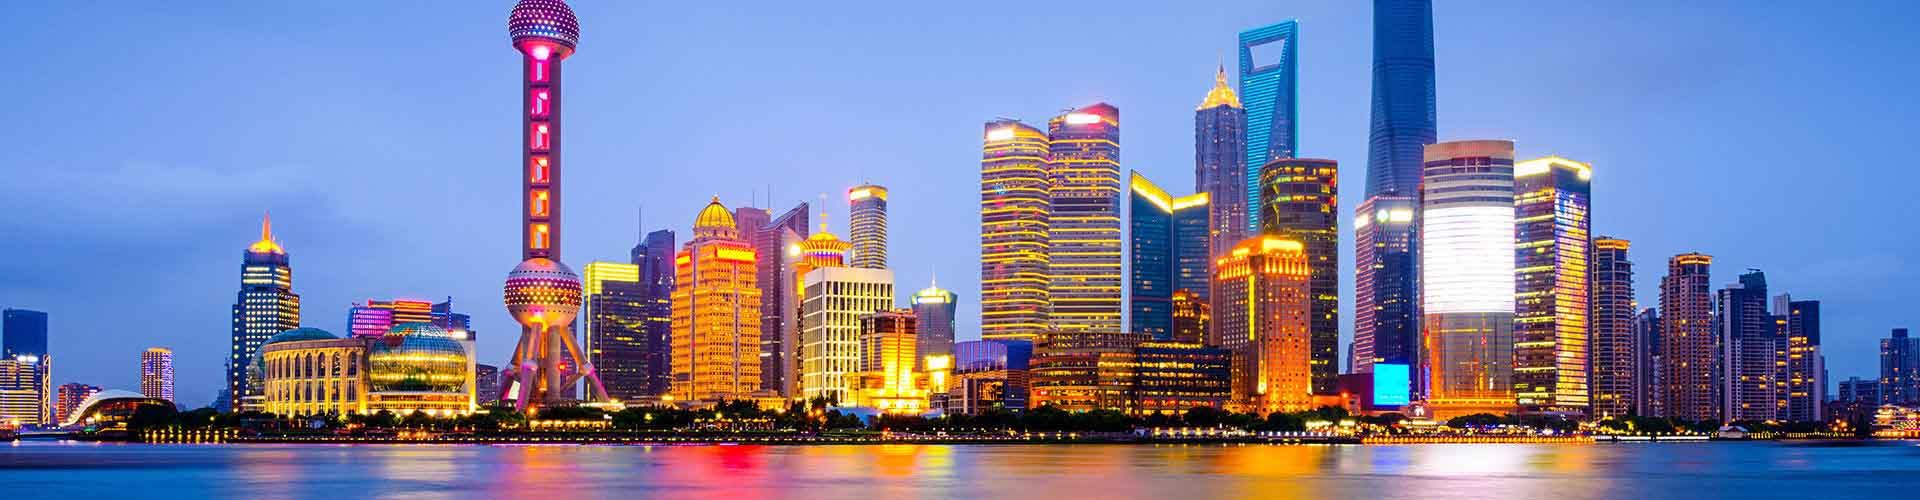 上海 – 上海的青年旅舍。上海地图,上海每间青年旅舍的照片和评价。